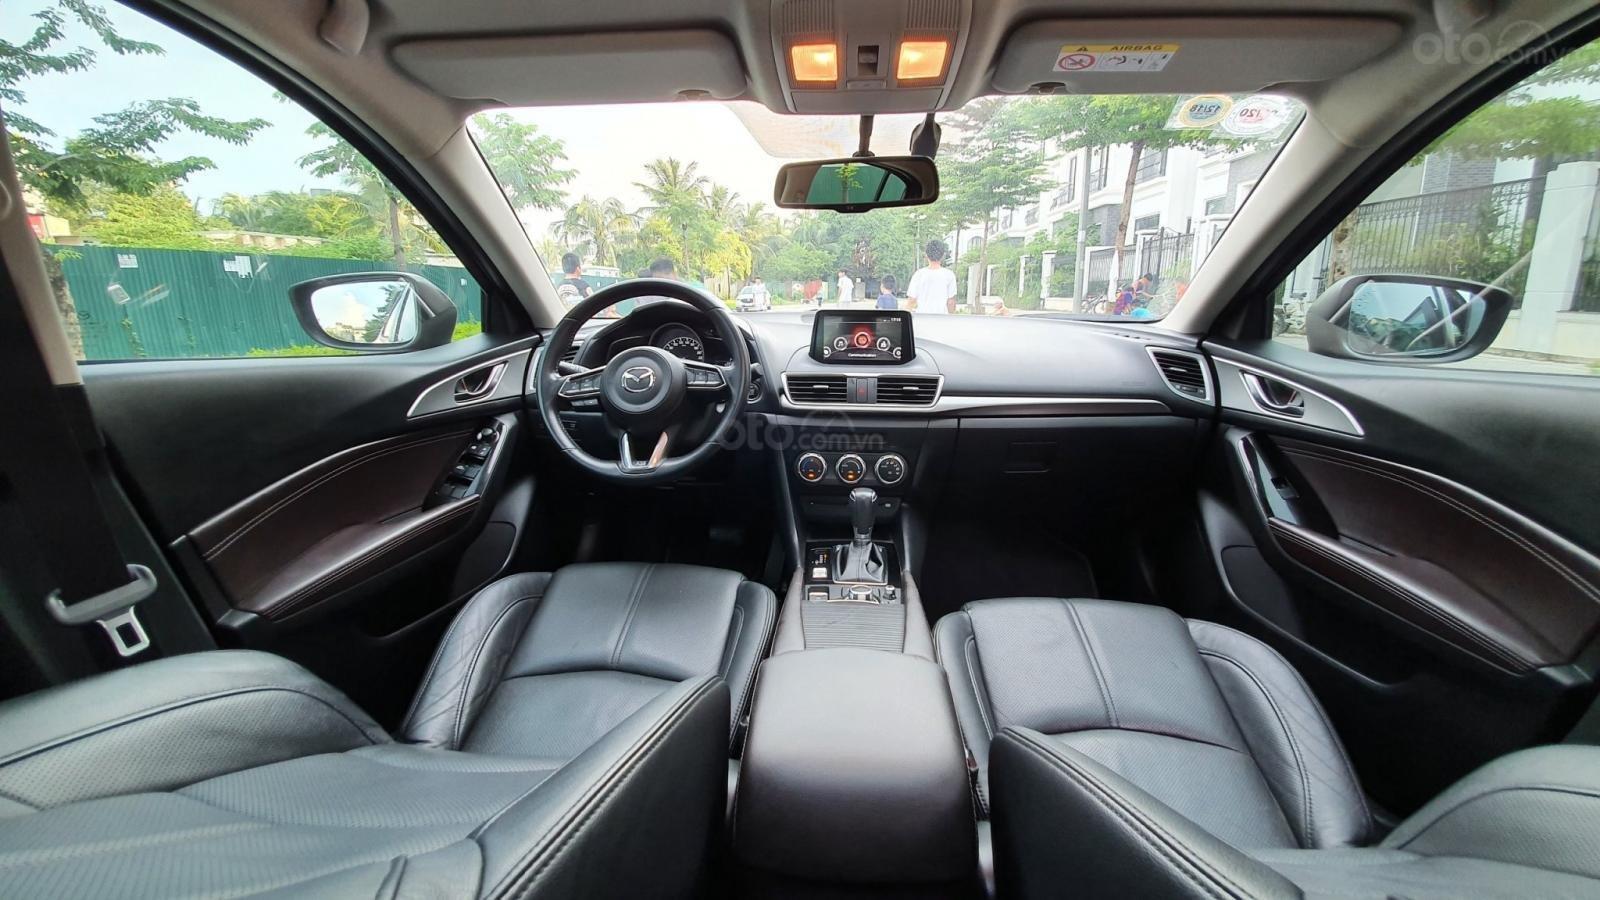 Cần bán xe Mazda 3 FL sản xuất năm 2017 (9)